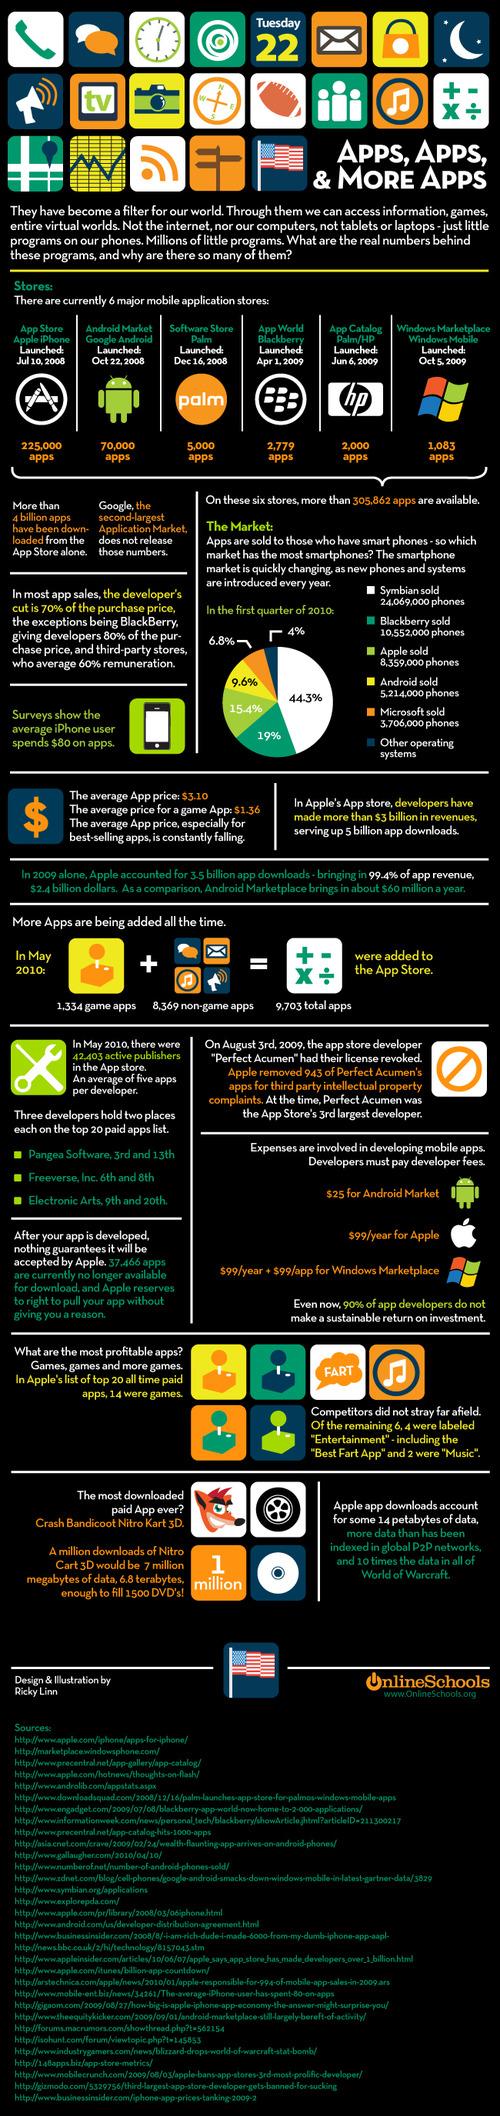 Statistiques sur les applications mobiles